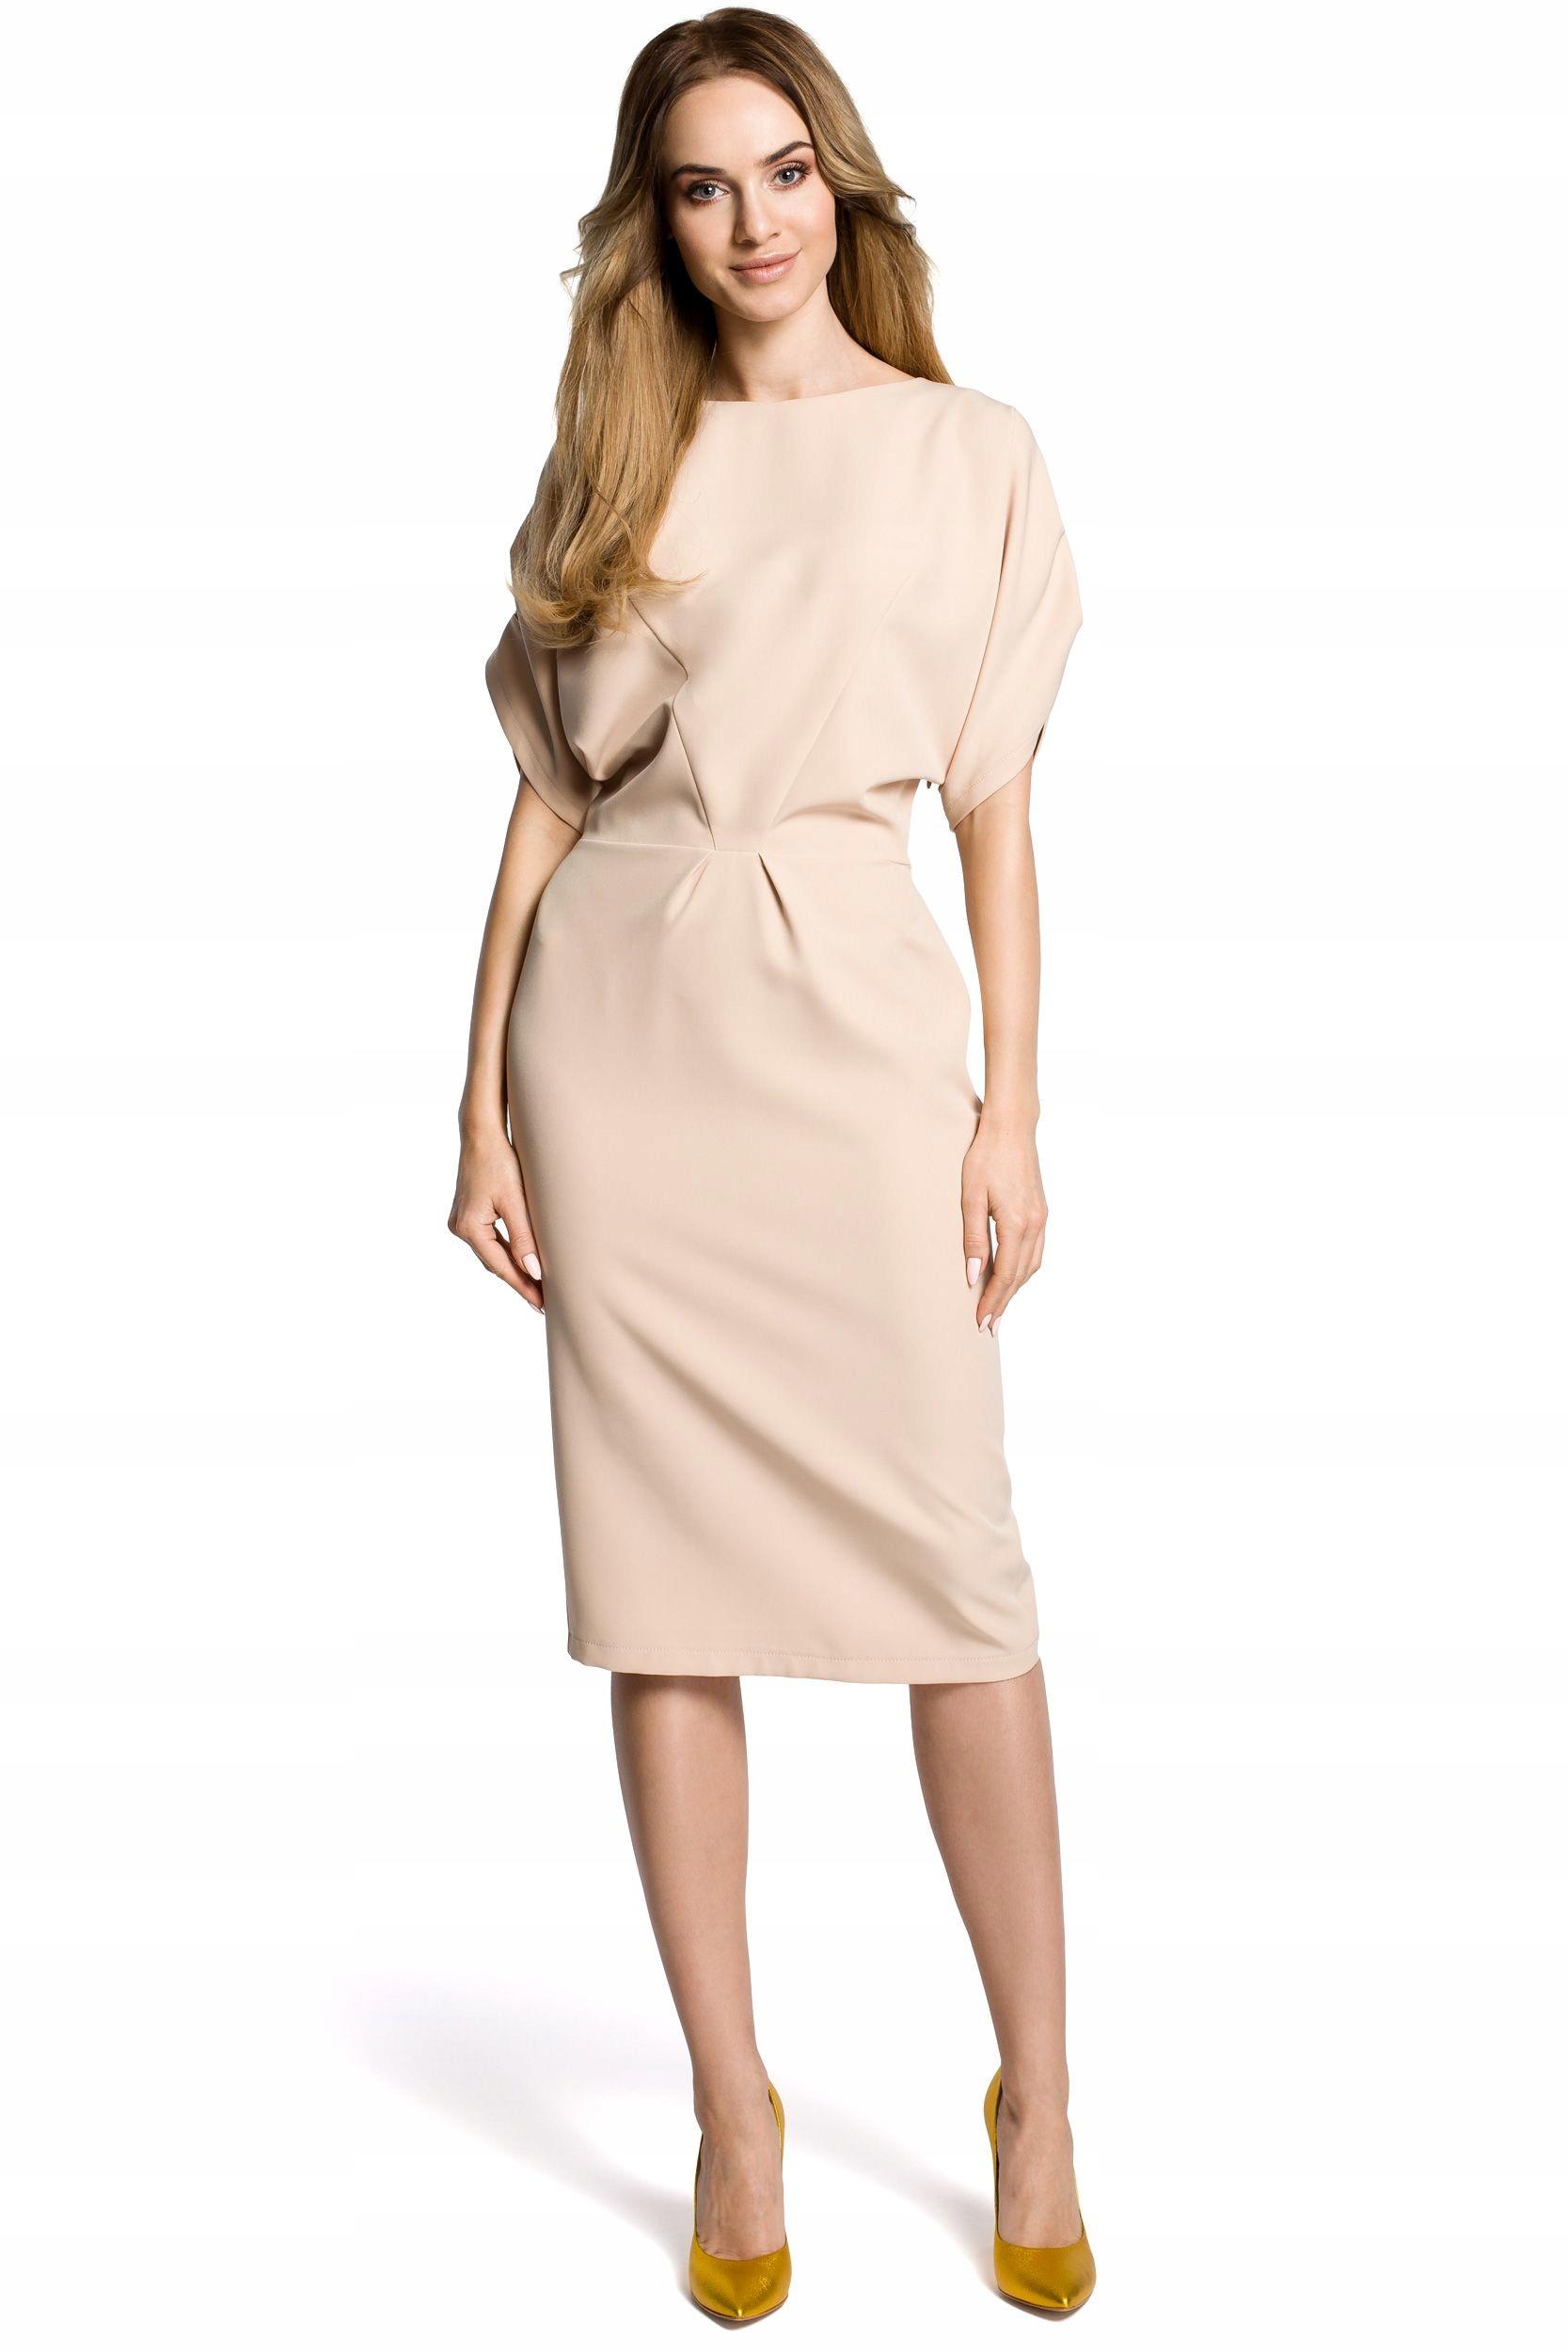 103f60fc5e M364 Sukienka midi kimonowe rękawy z zakładkami - 7706409741 - Allegro.pl